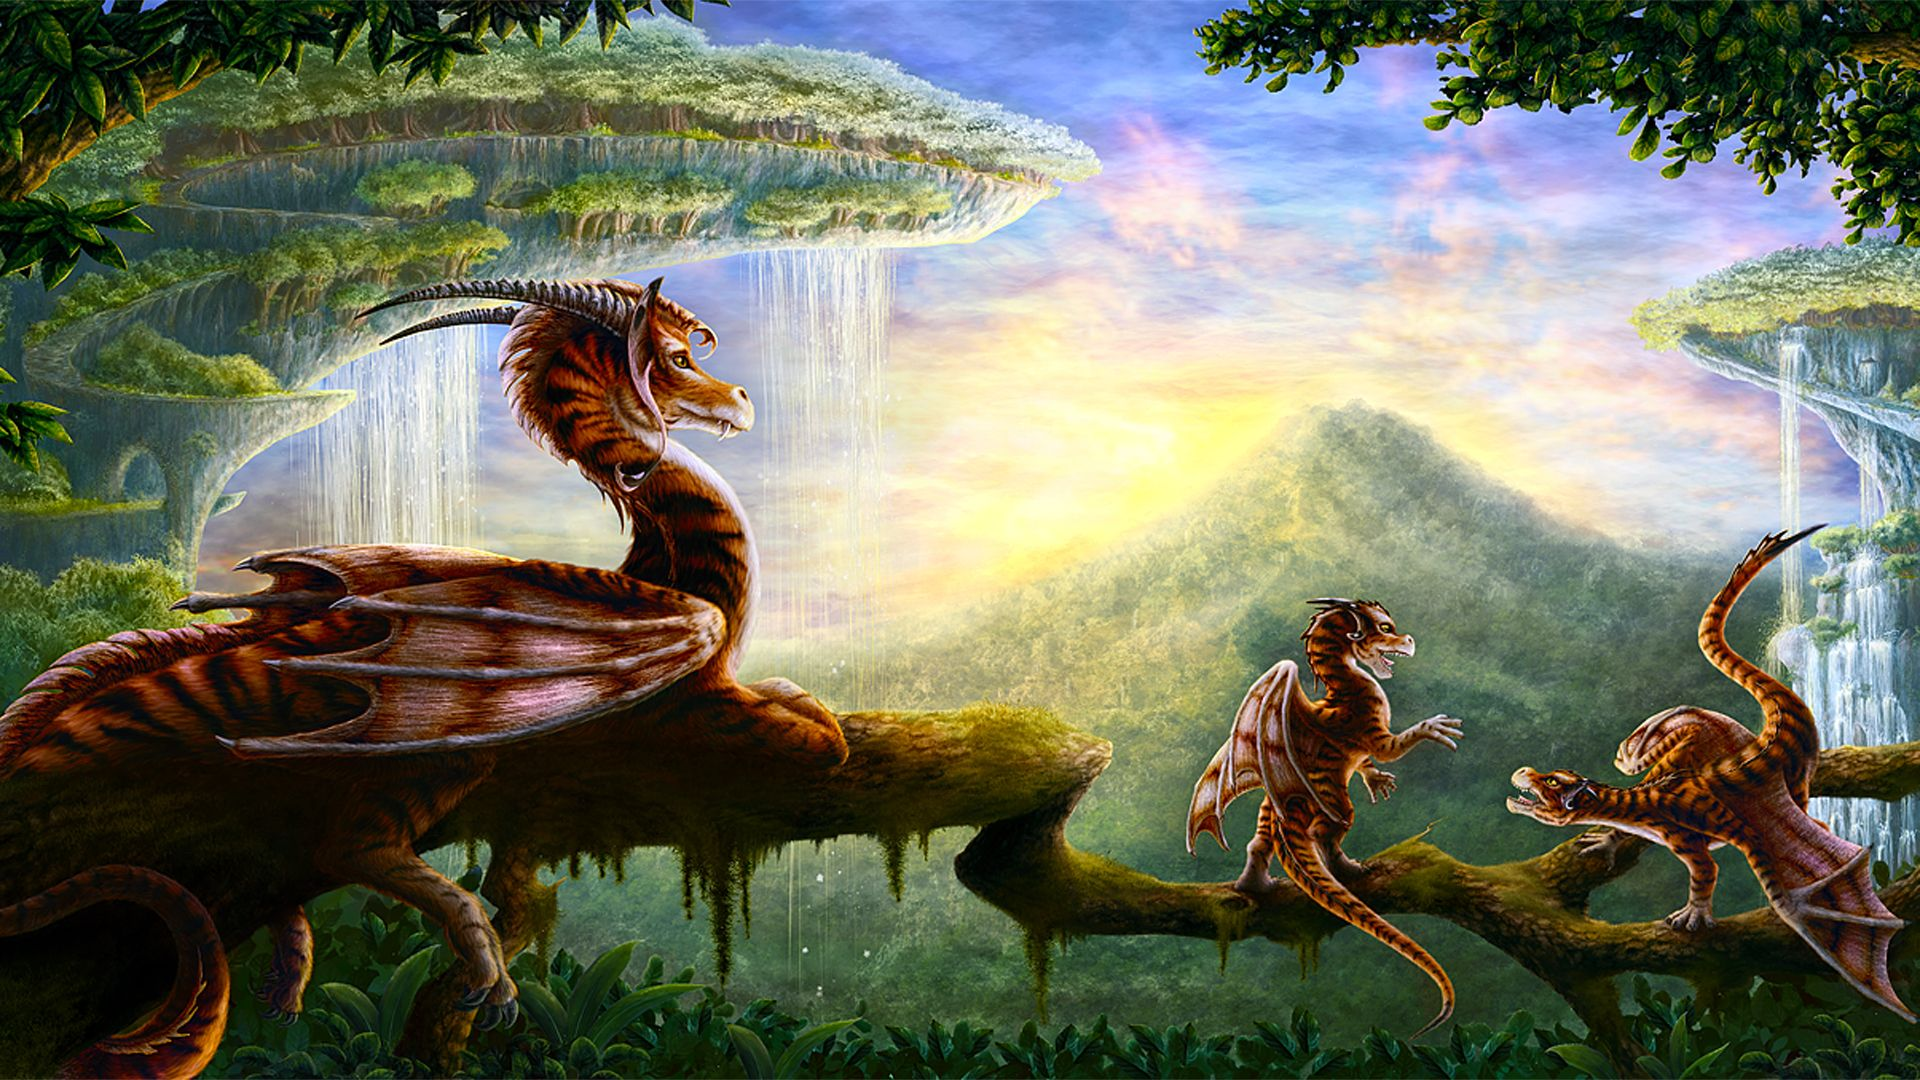 pictures of fantasy landscapes | fantasy green landscape fantasy